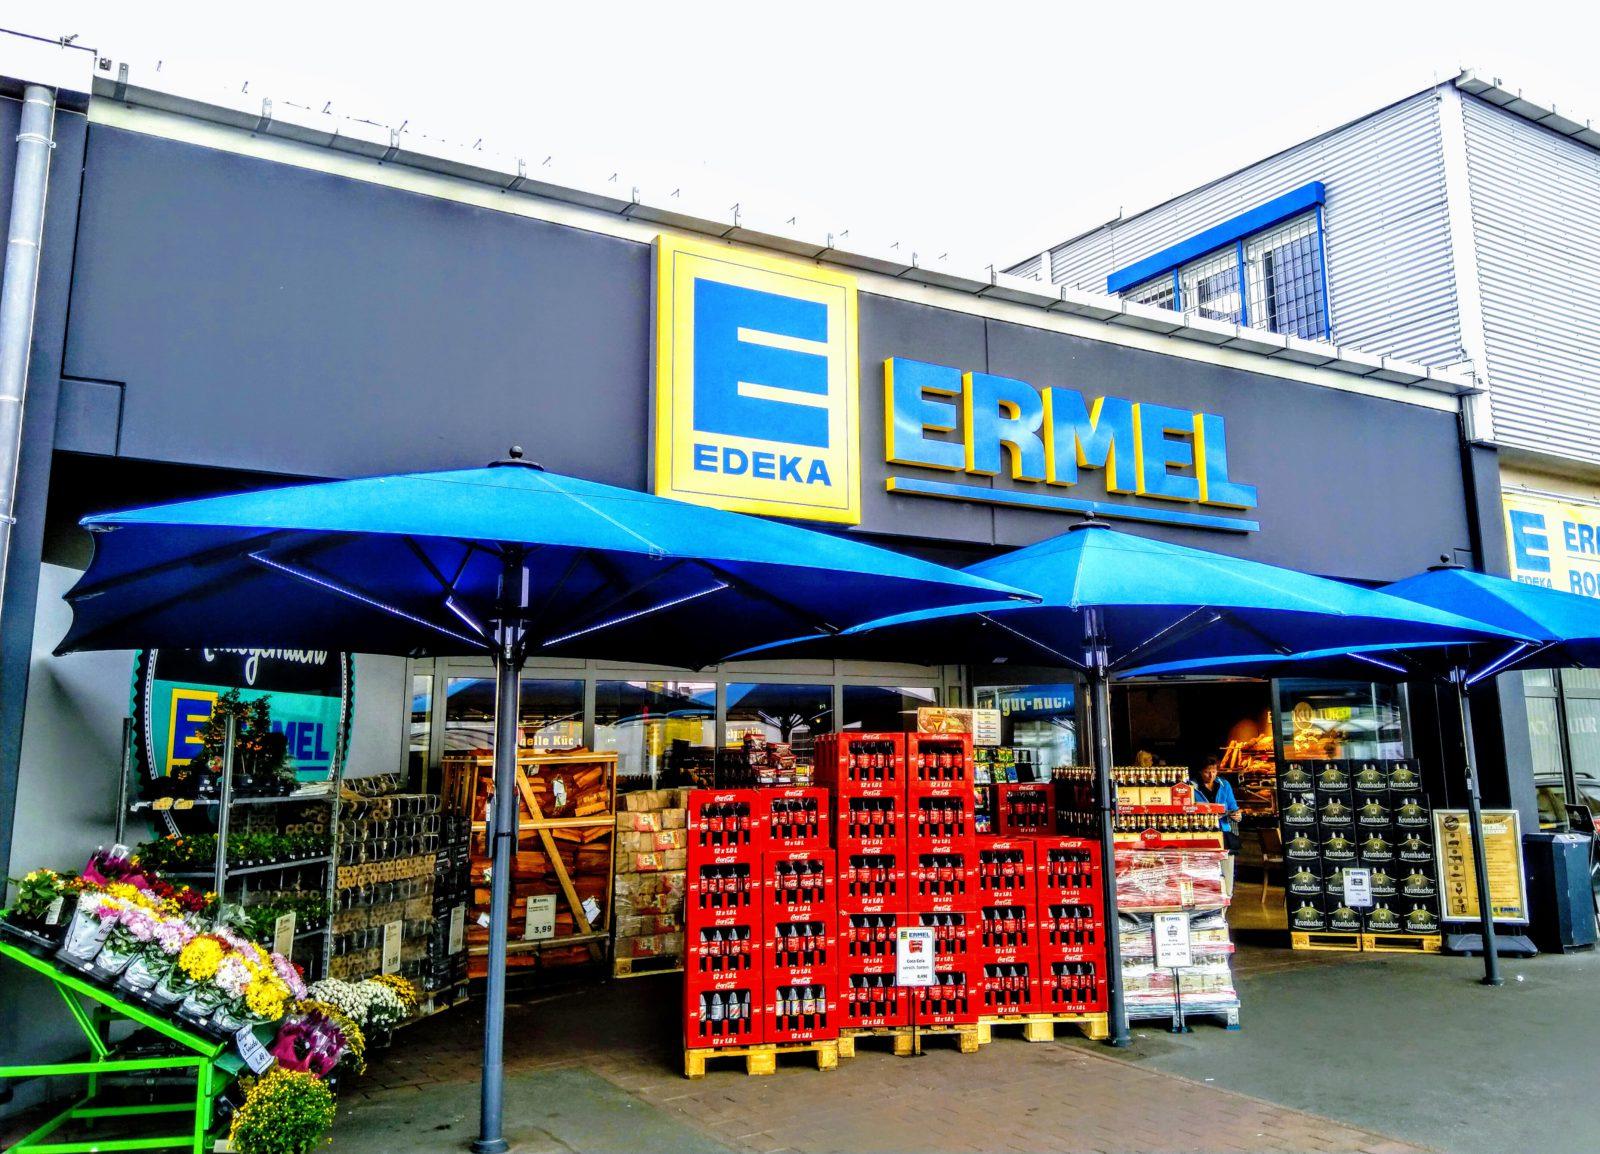 EDEKA Ermel – Rodgau-Dudenhofen